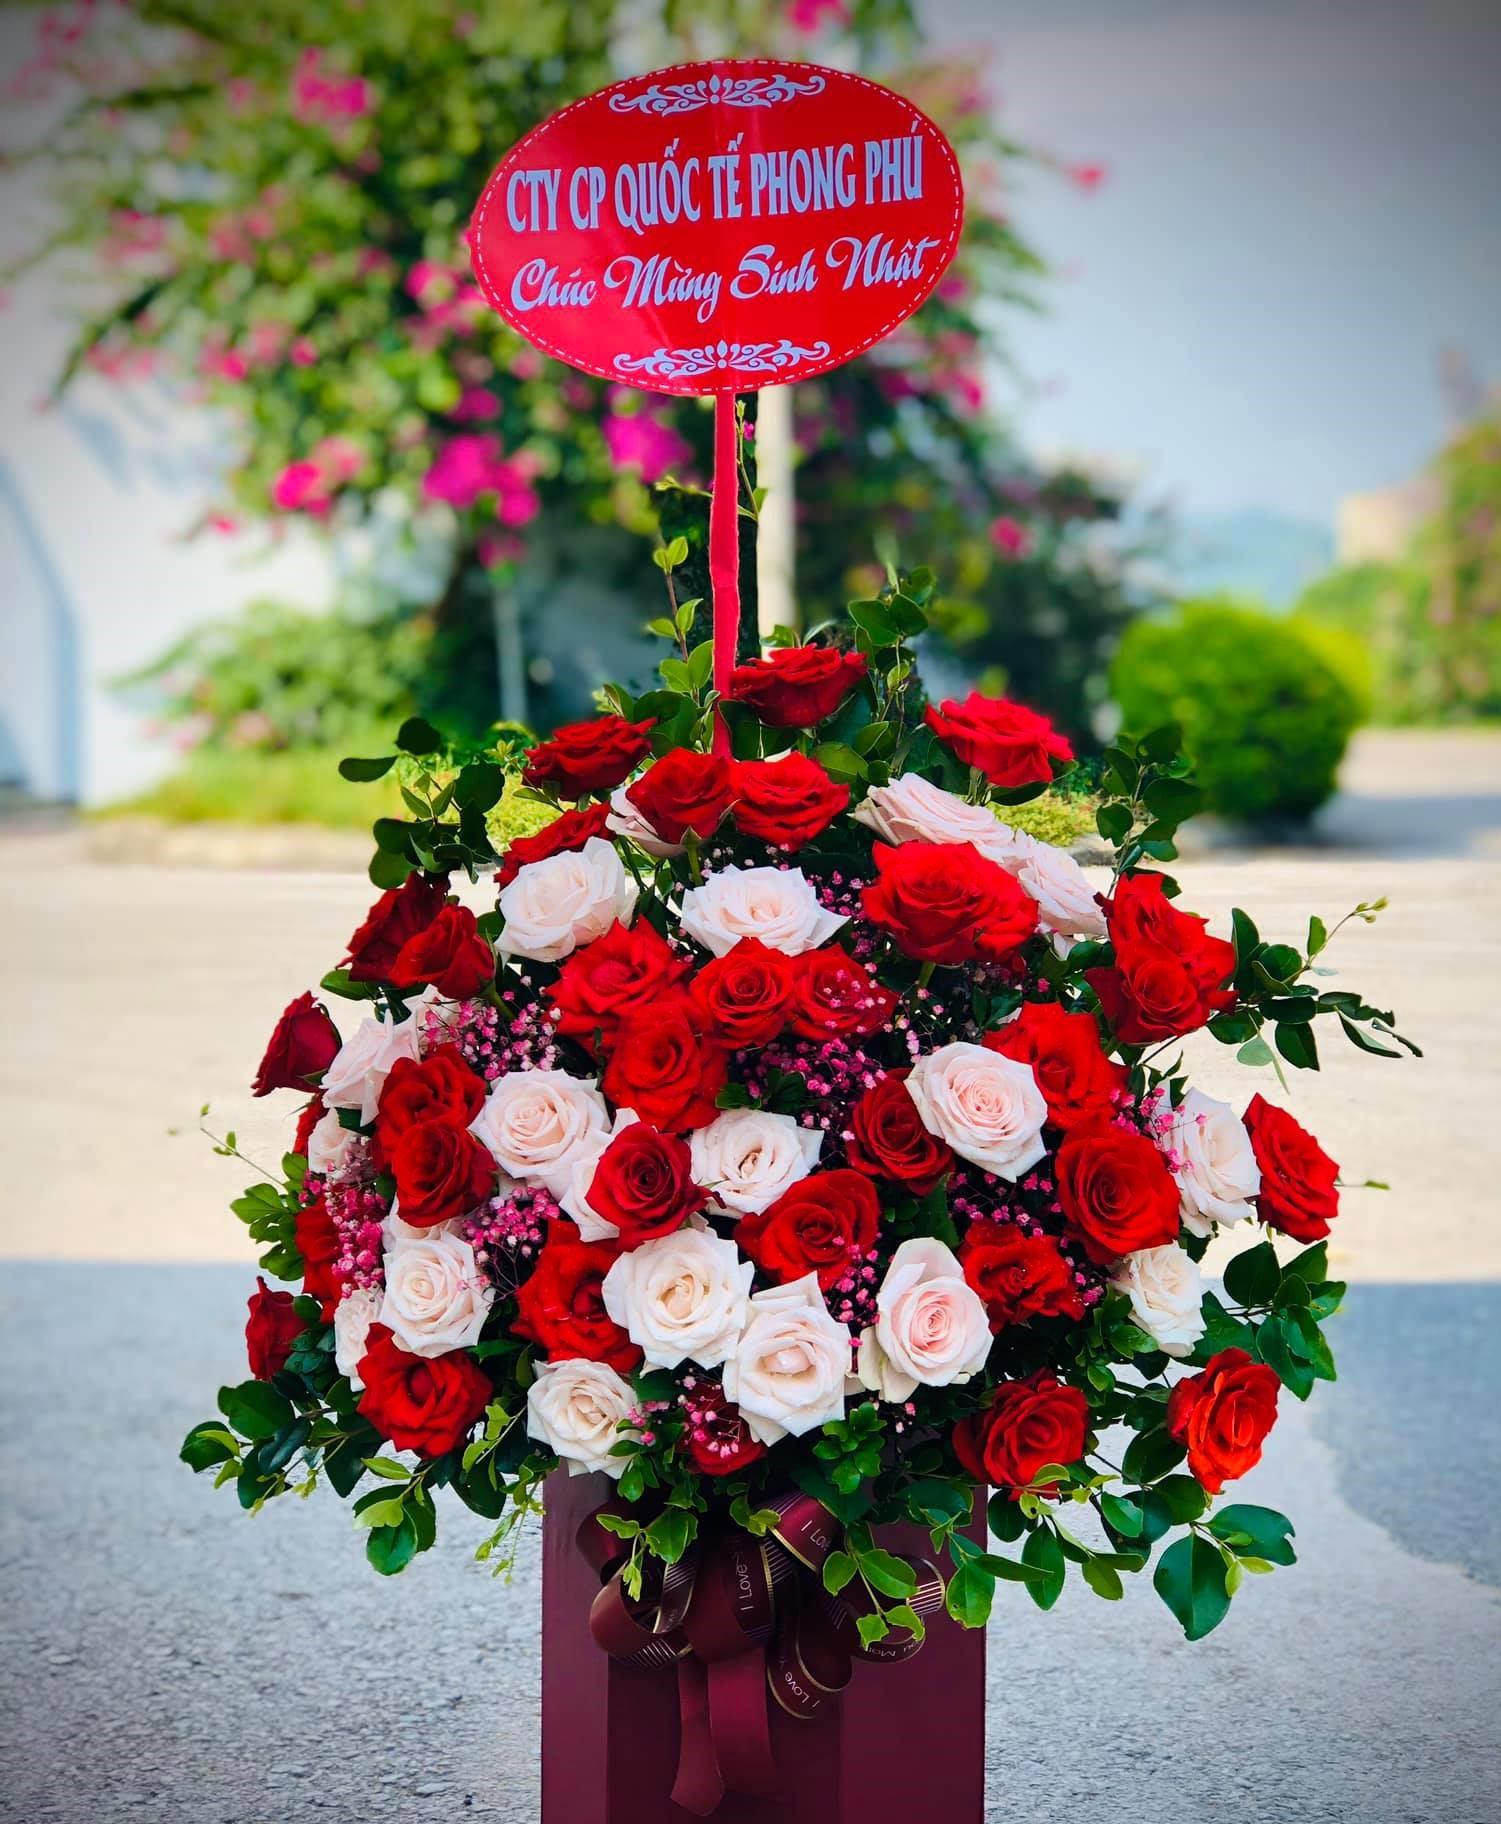 Gửi điện hoa sinh nhật thành phố Vinh